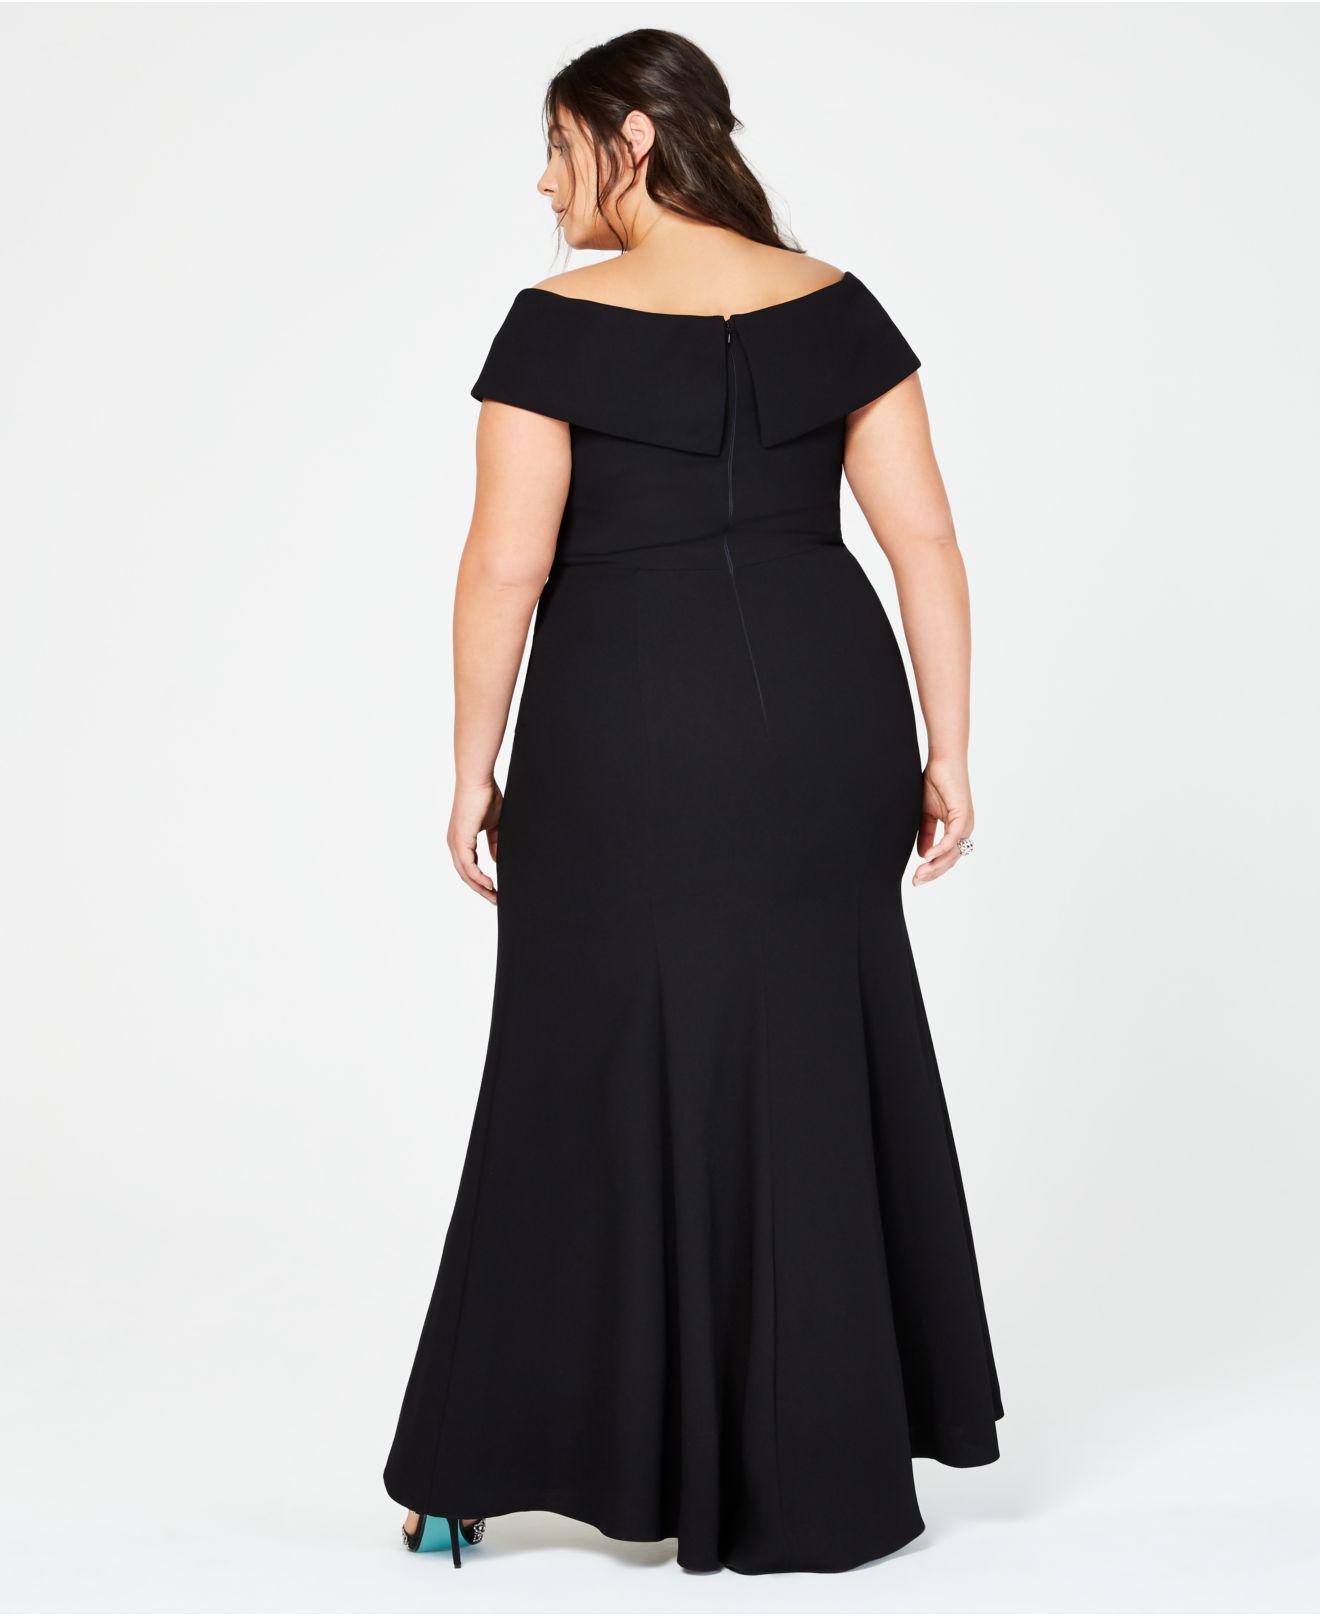 d96d2ae07d9 Lyst - Xscape Plus Size Off-the-shoulder Slit Gown in Black